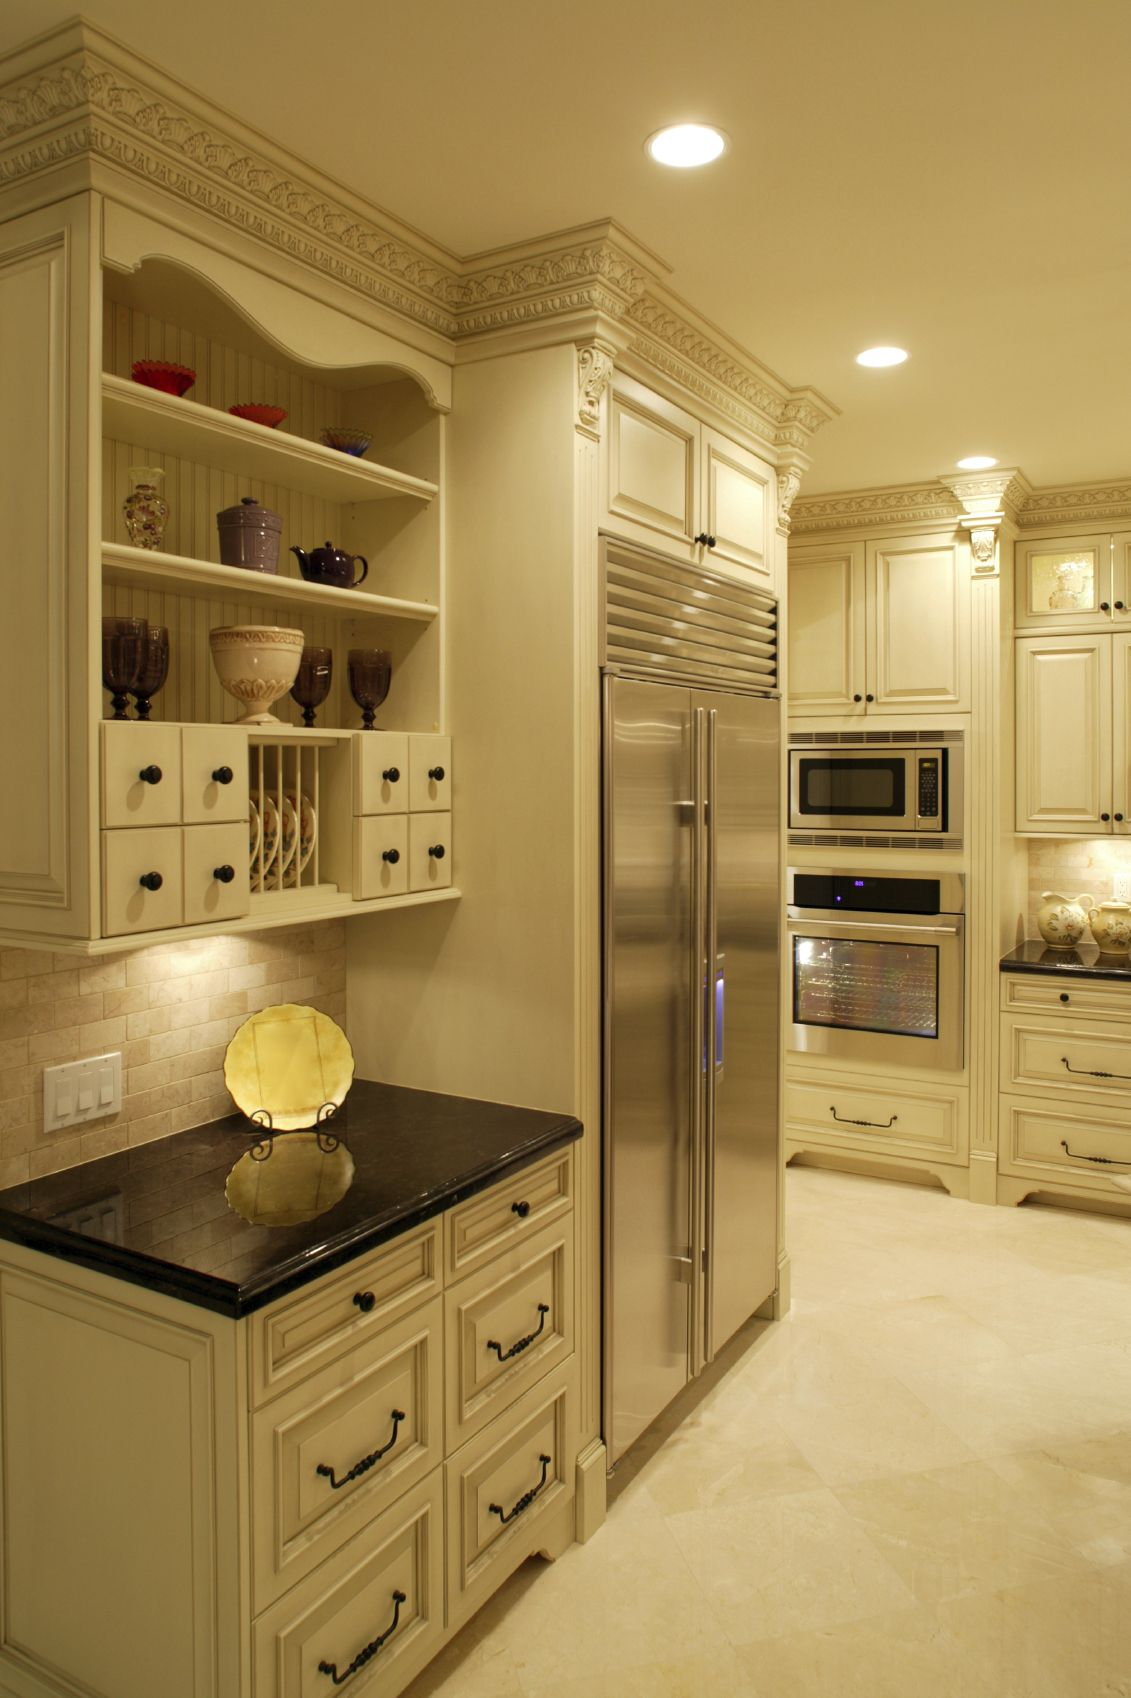 425 White Kitchen Ideas for 2018